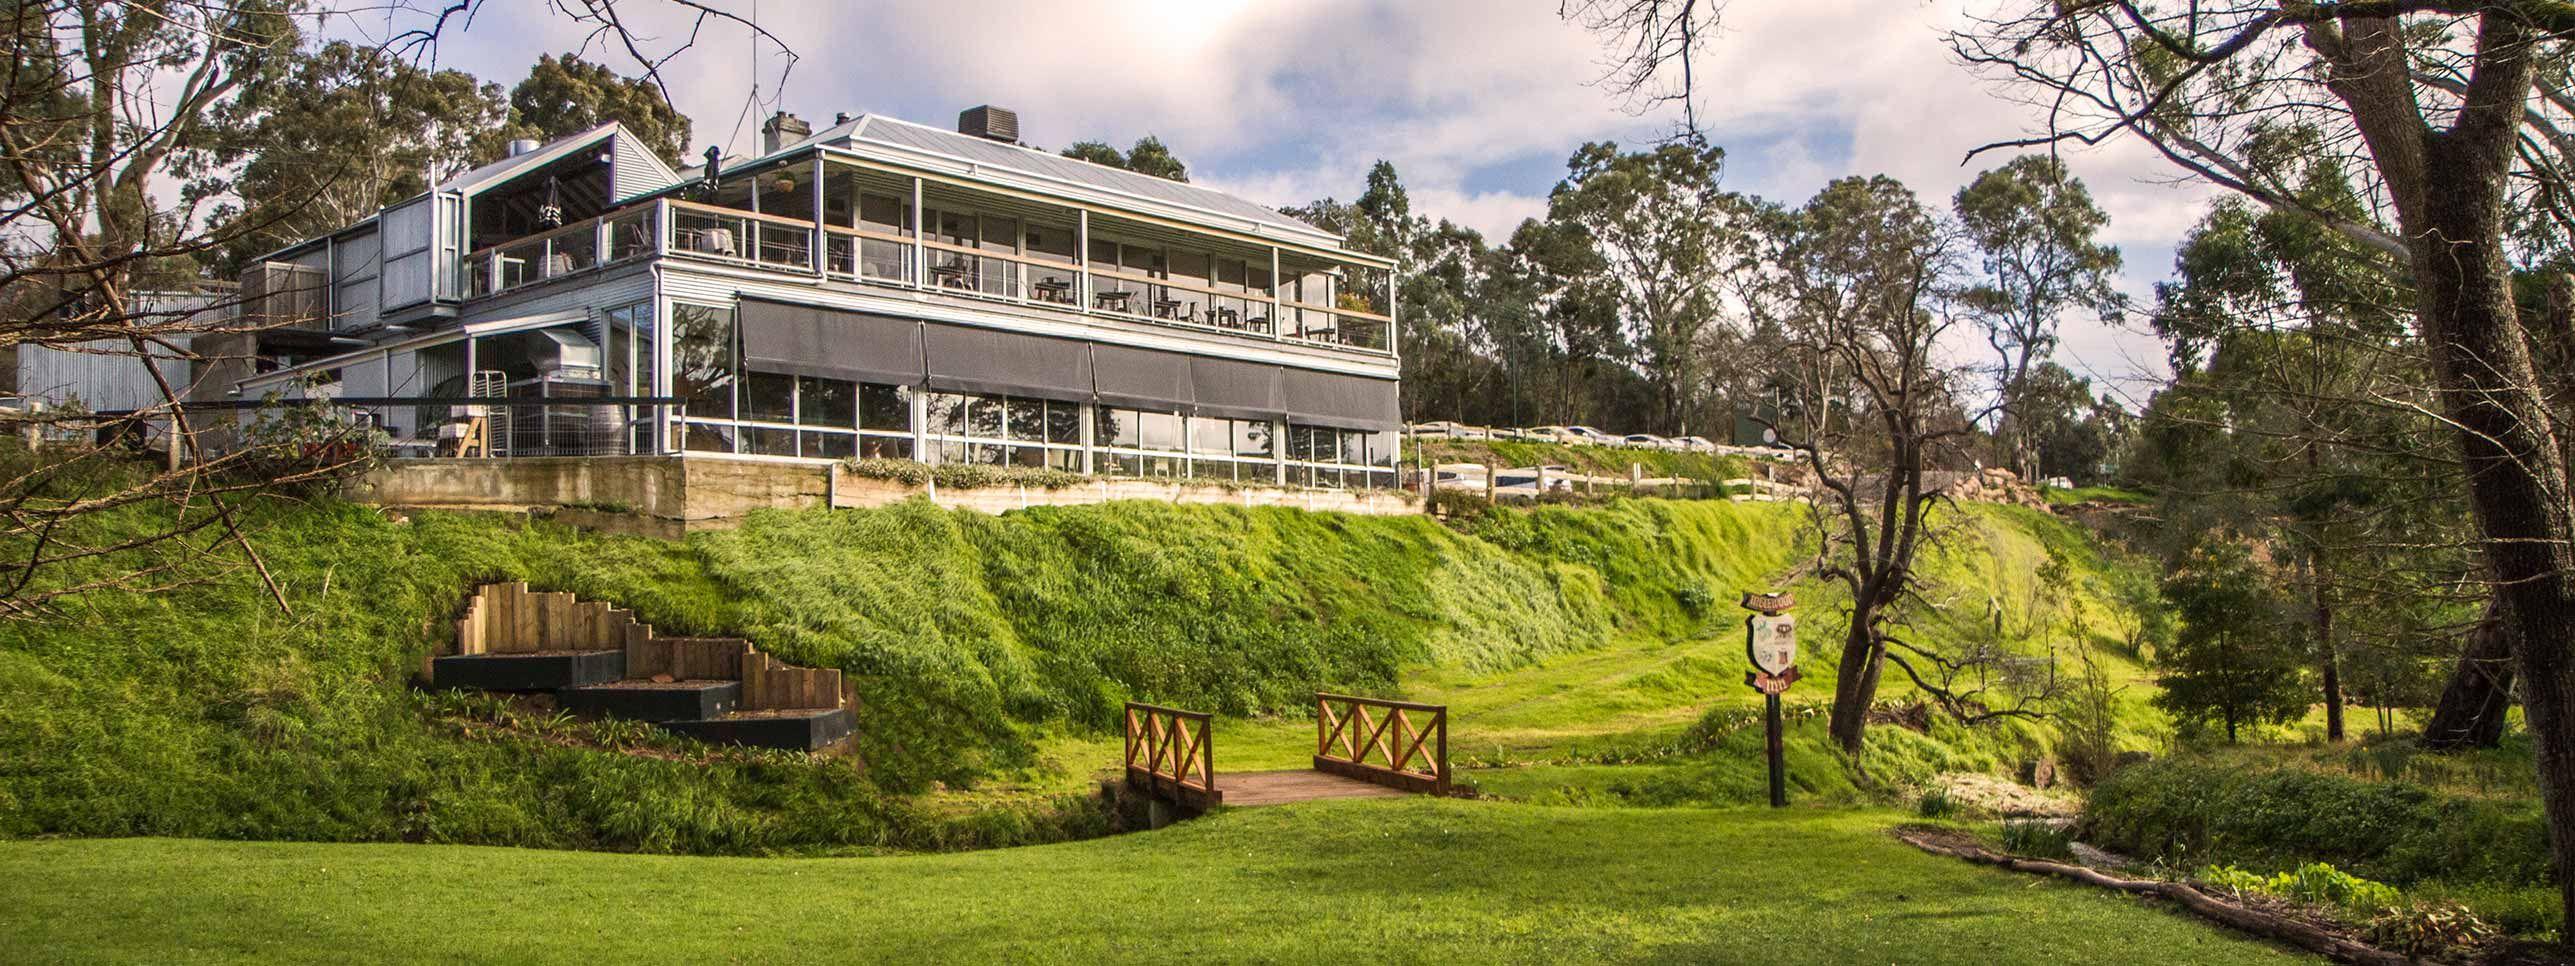 Inglewood Inn Adelaide Hills